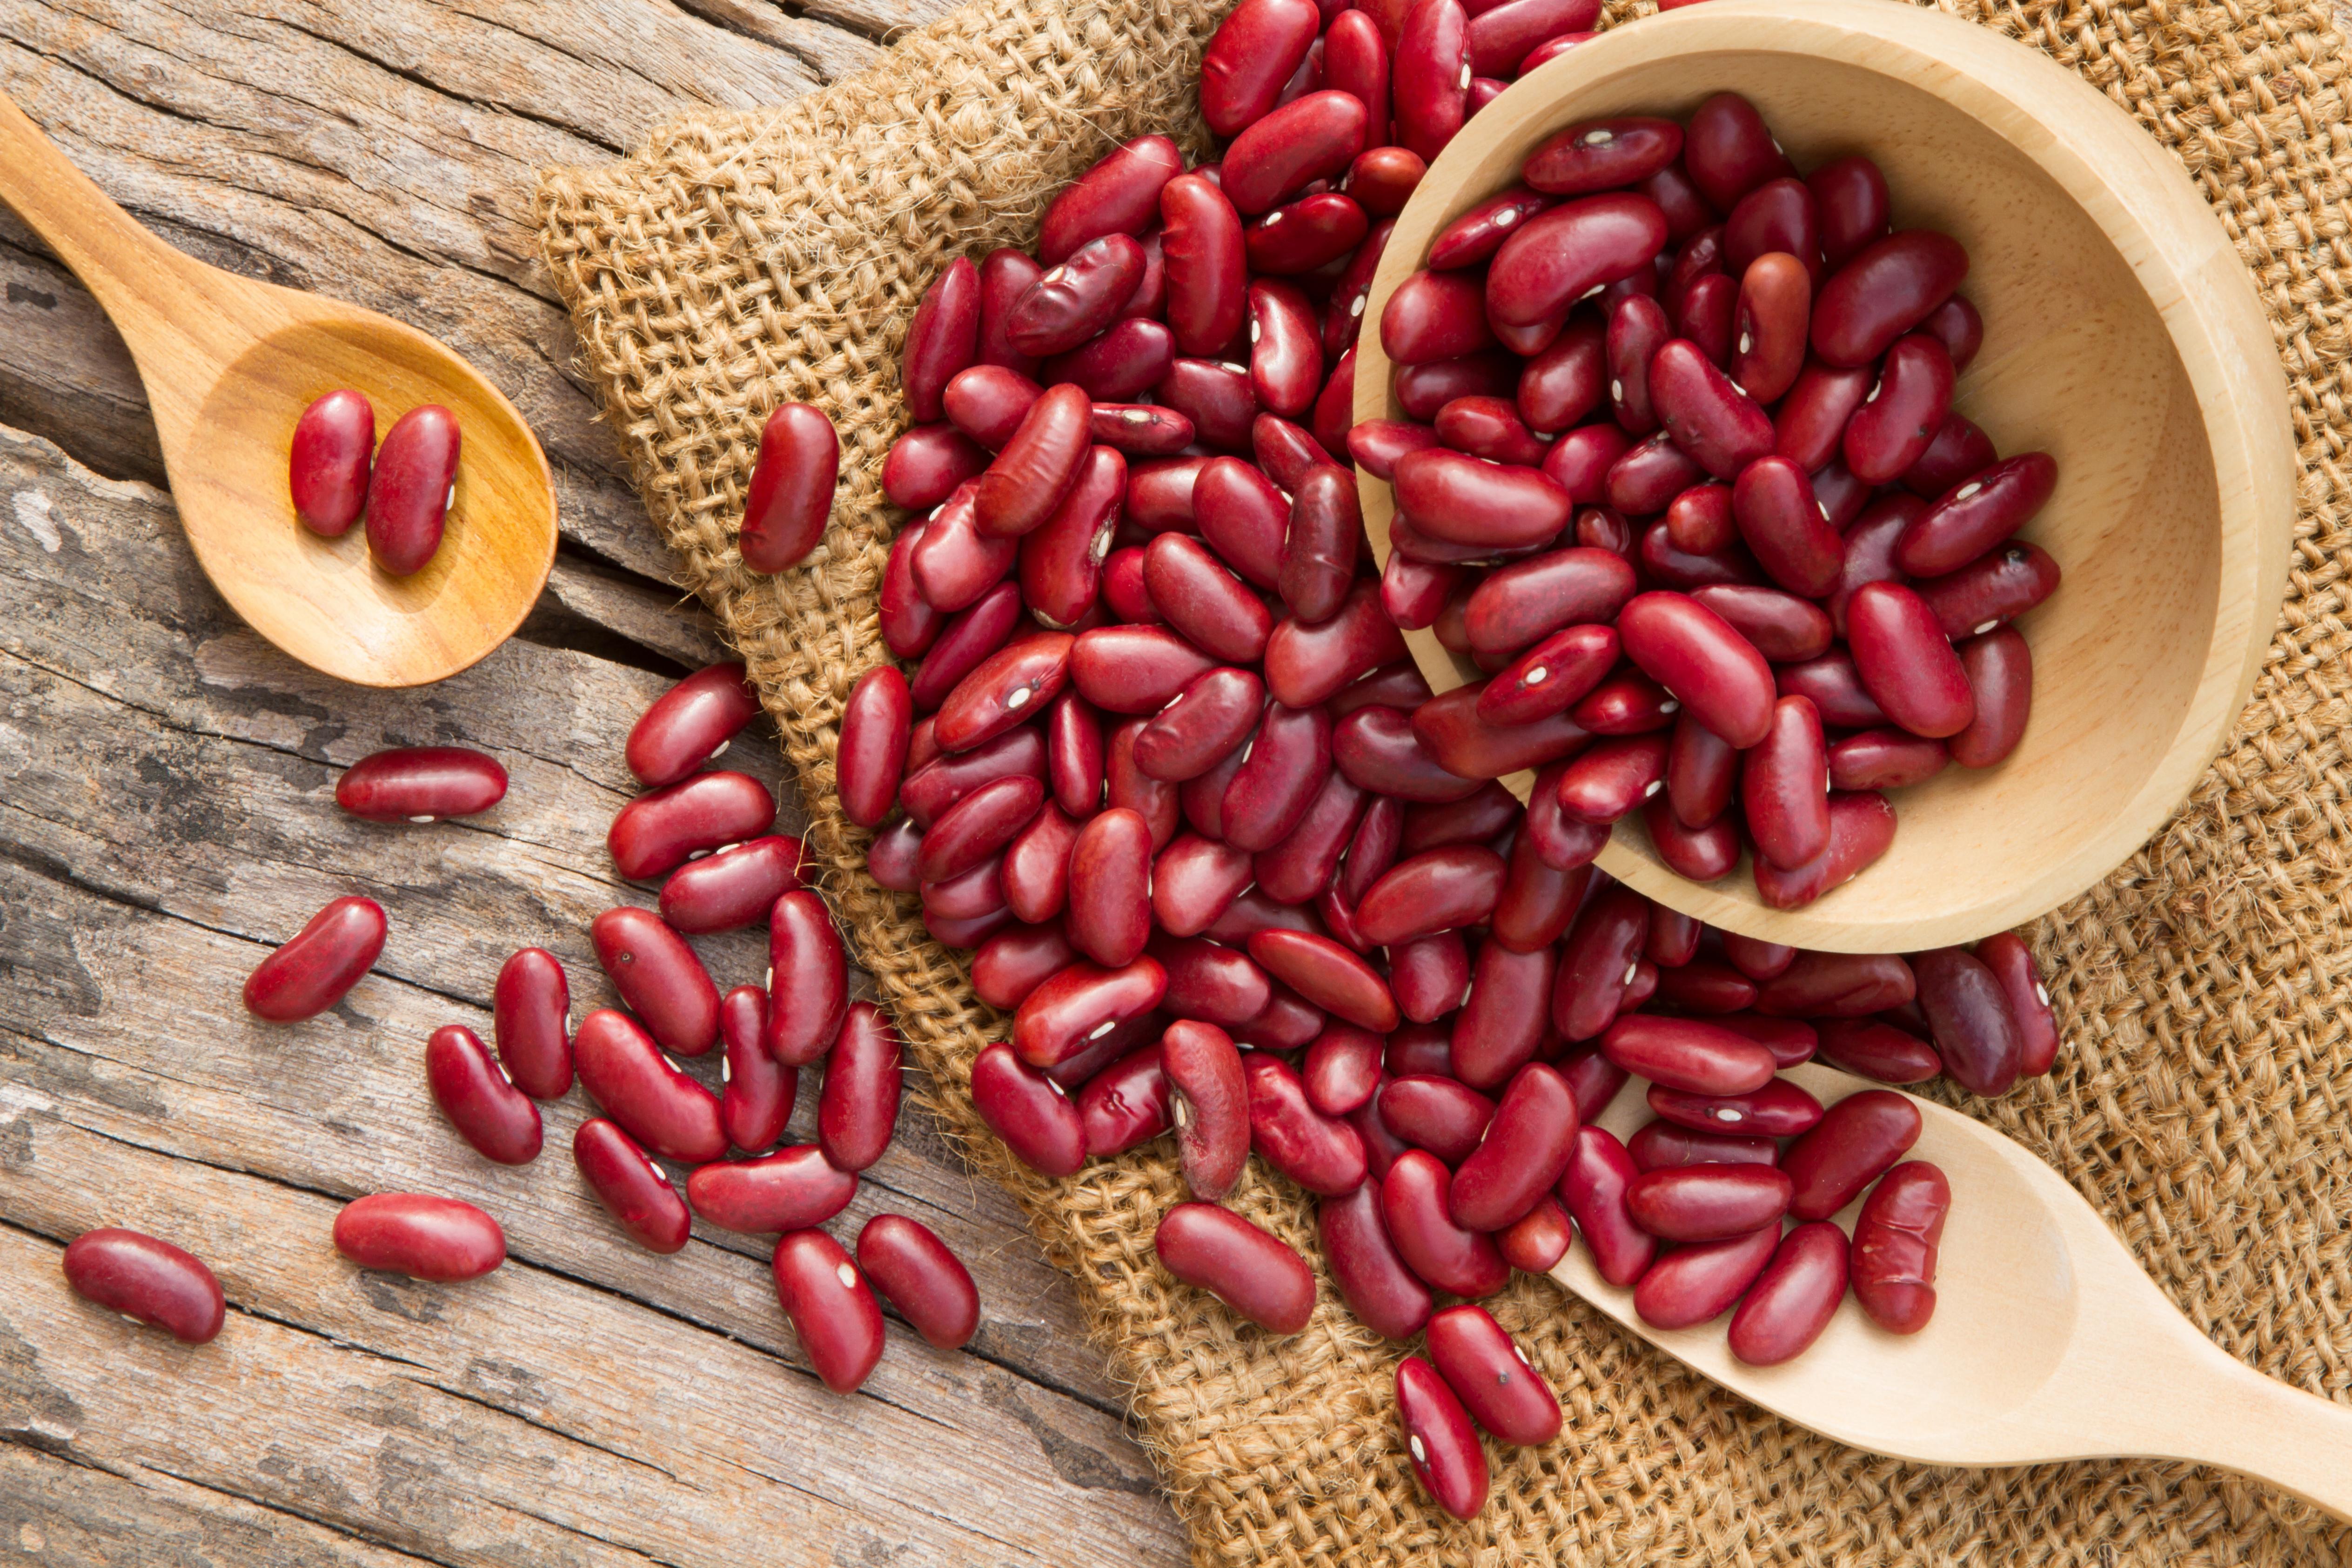 <p><strong>Червен боб</strong></p>  <p>Богат на растителни протеини, фибри, минерали и витамини, червеният боб се превръща в опасна храна, ако бъде консумиран суров или не добре сготвен. Богат е на фитохемаглутинин, токсичен сорт лектин, който може да увреди чревната стена и да причини хранително отравяне, придружено от повръщане, болки с стомаха, диария и главоболие. Сушеният боб се превръща в петкратно по-опасен от суровия, ако бъде приготвен за по-малко от 10 мин. на всяка температура различна от тази на кипене.&nbsp;</p>